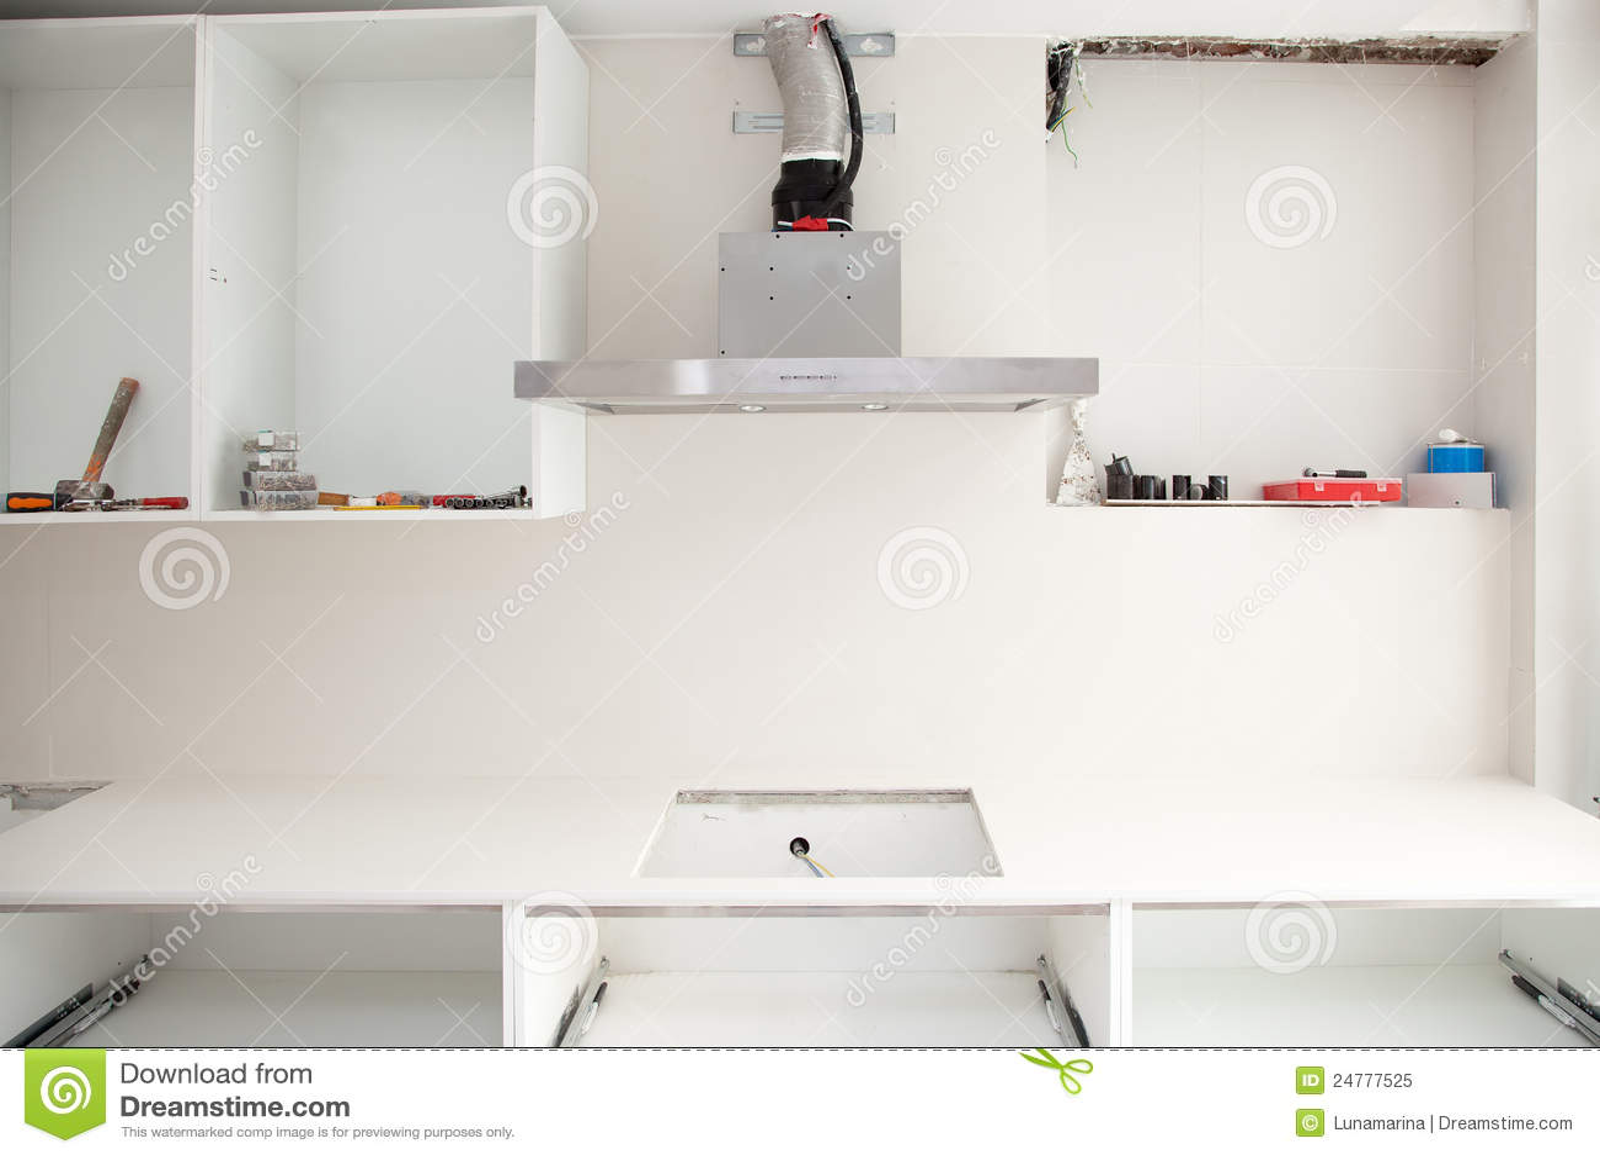 Costruzione di disegno interno di una cucina immagine - Costruzione cucina ...